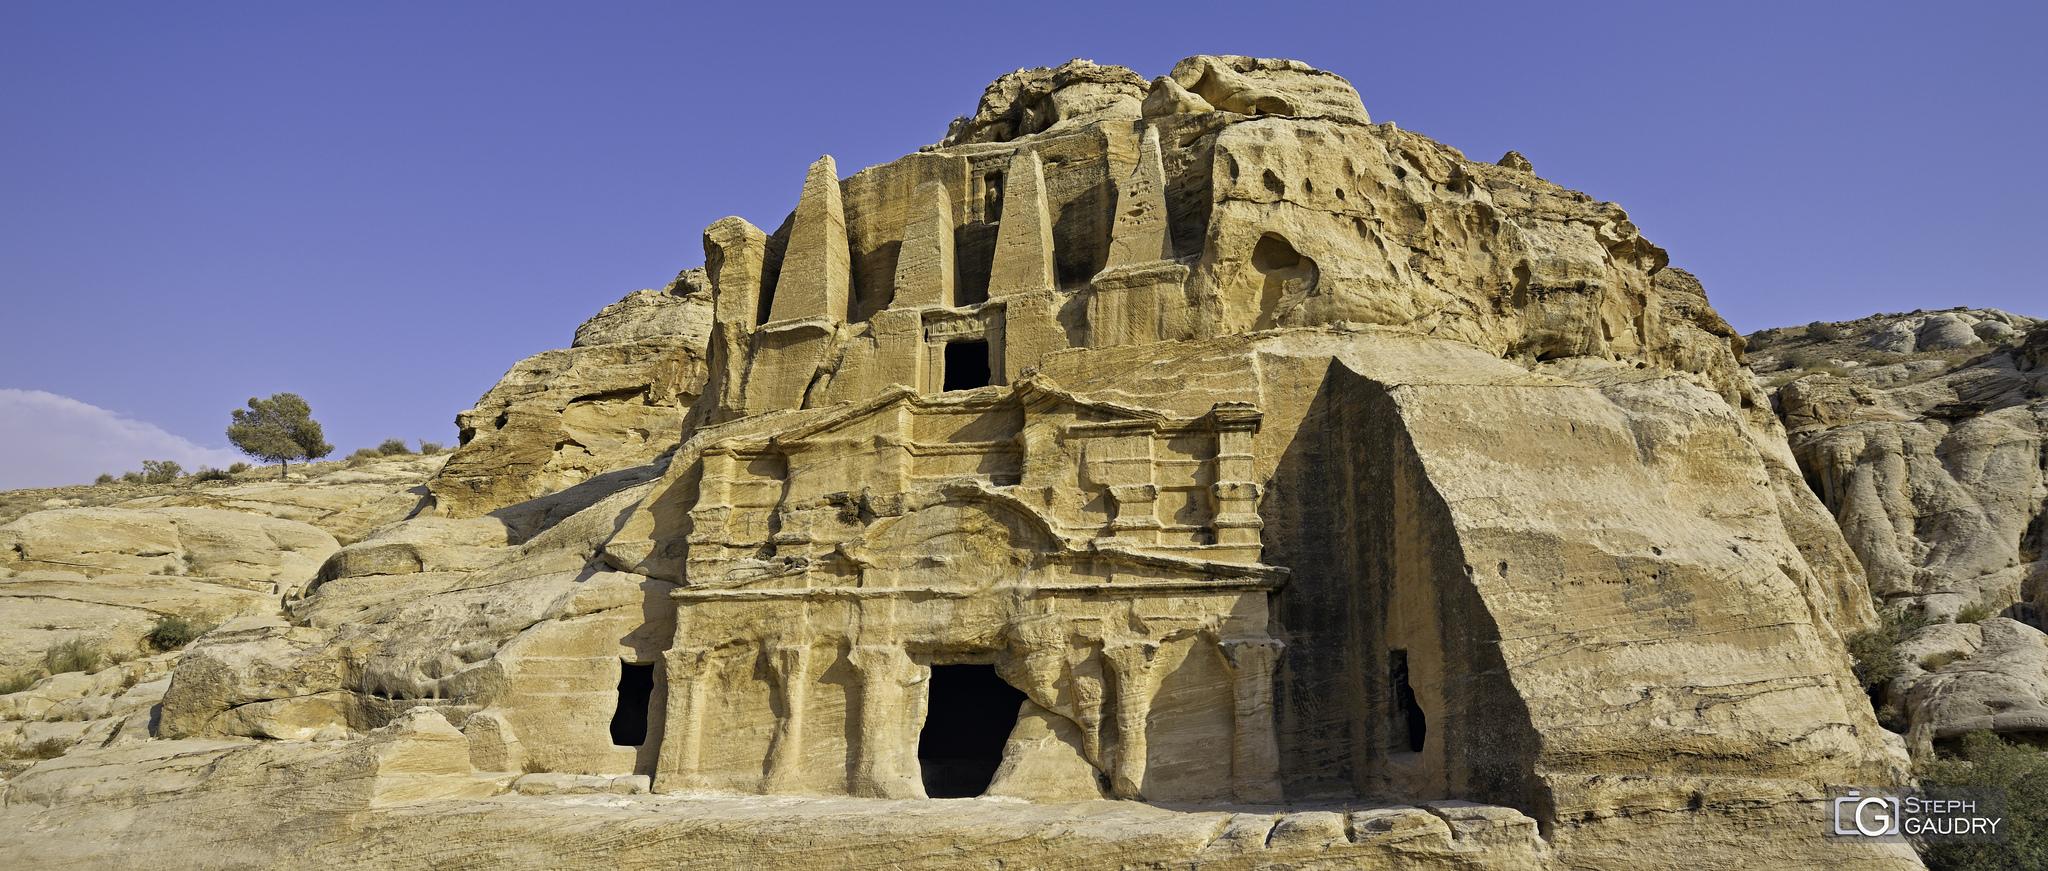 Petra - au début du siq [Click to start slideshow]